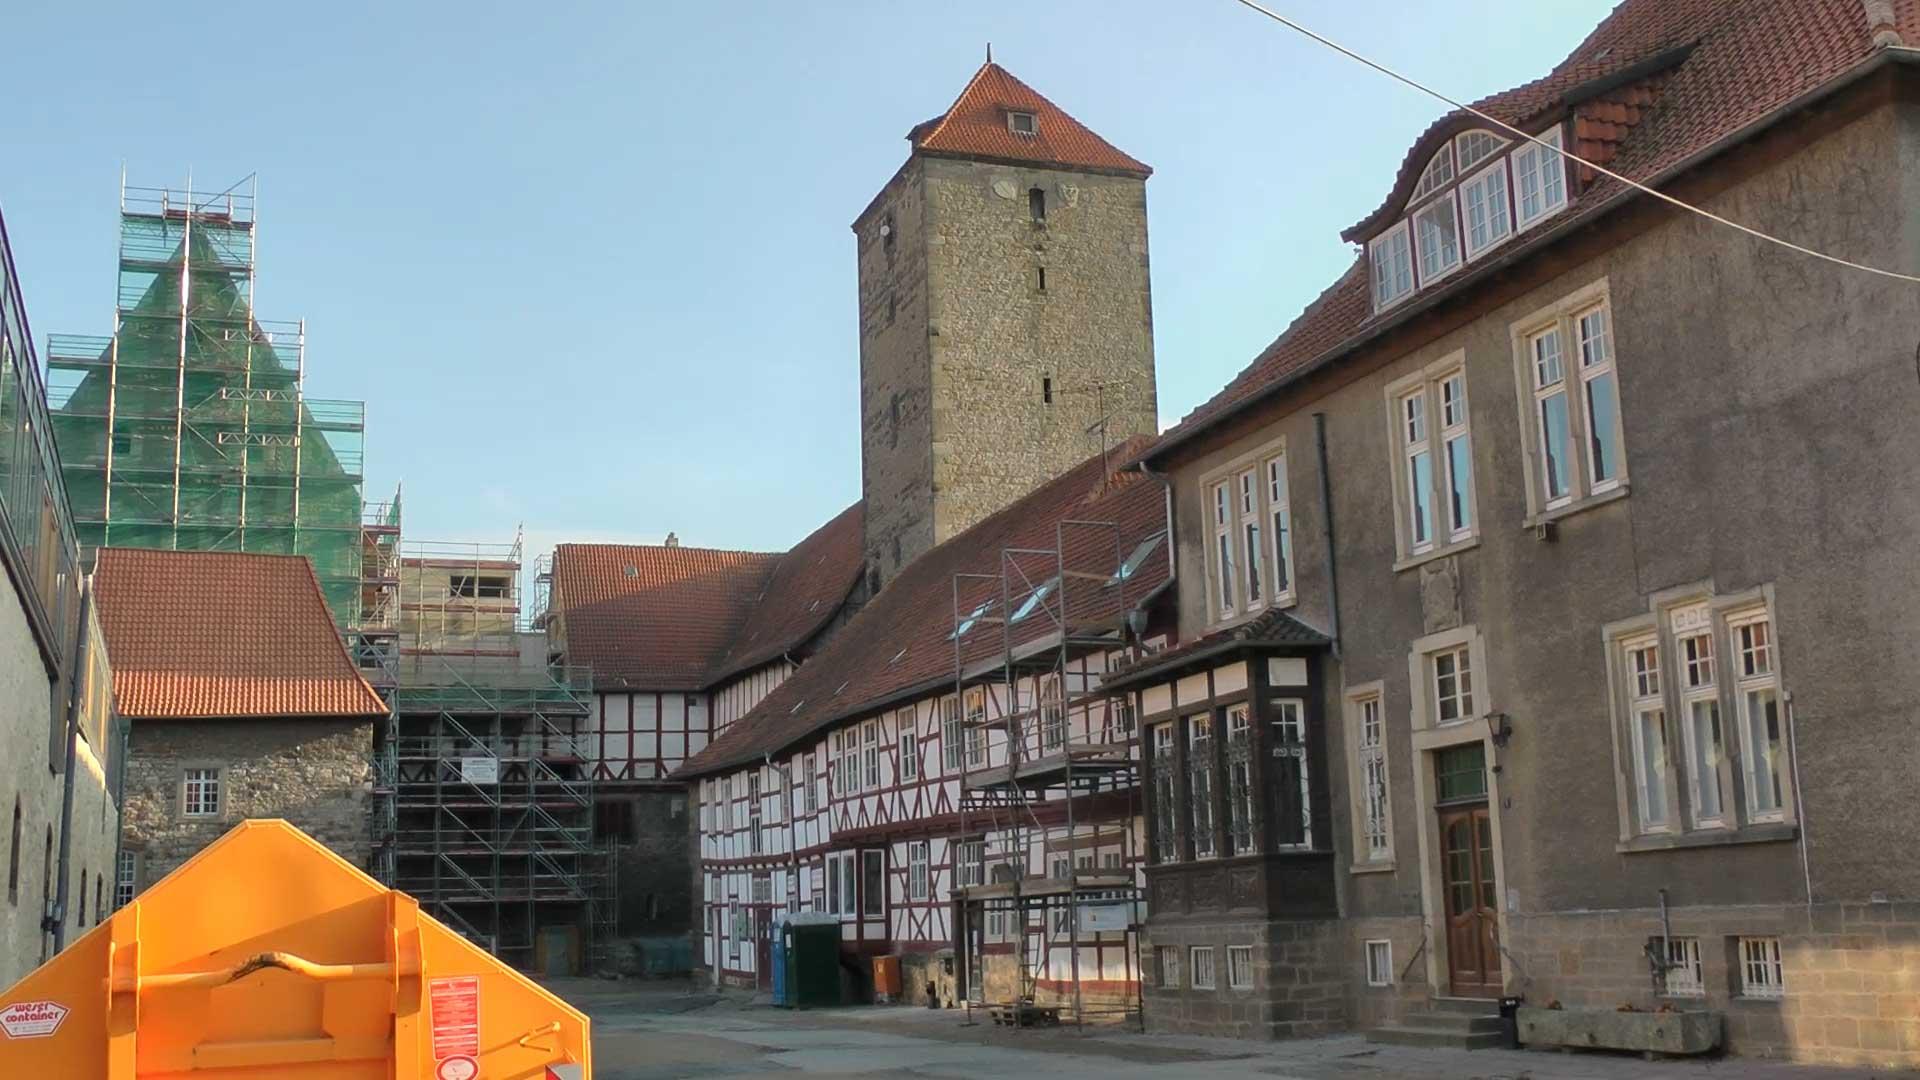 bi kontaktanzeigen Hildesheim